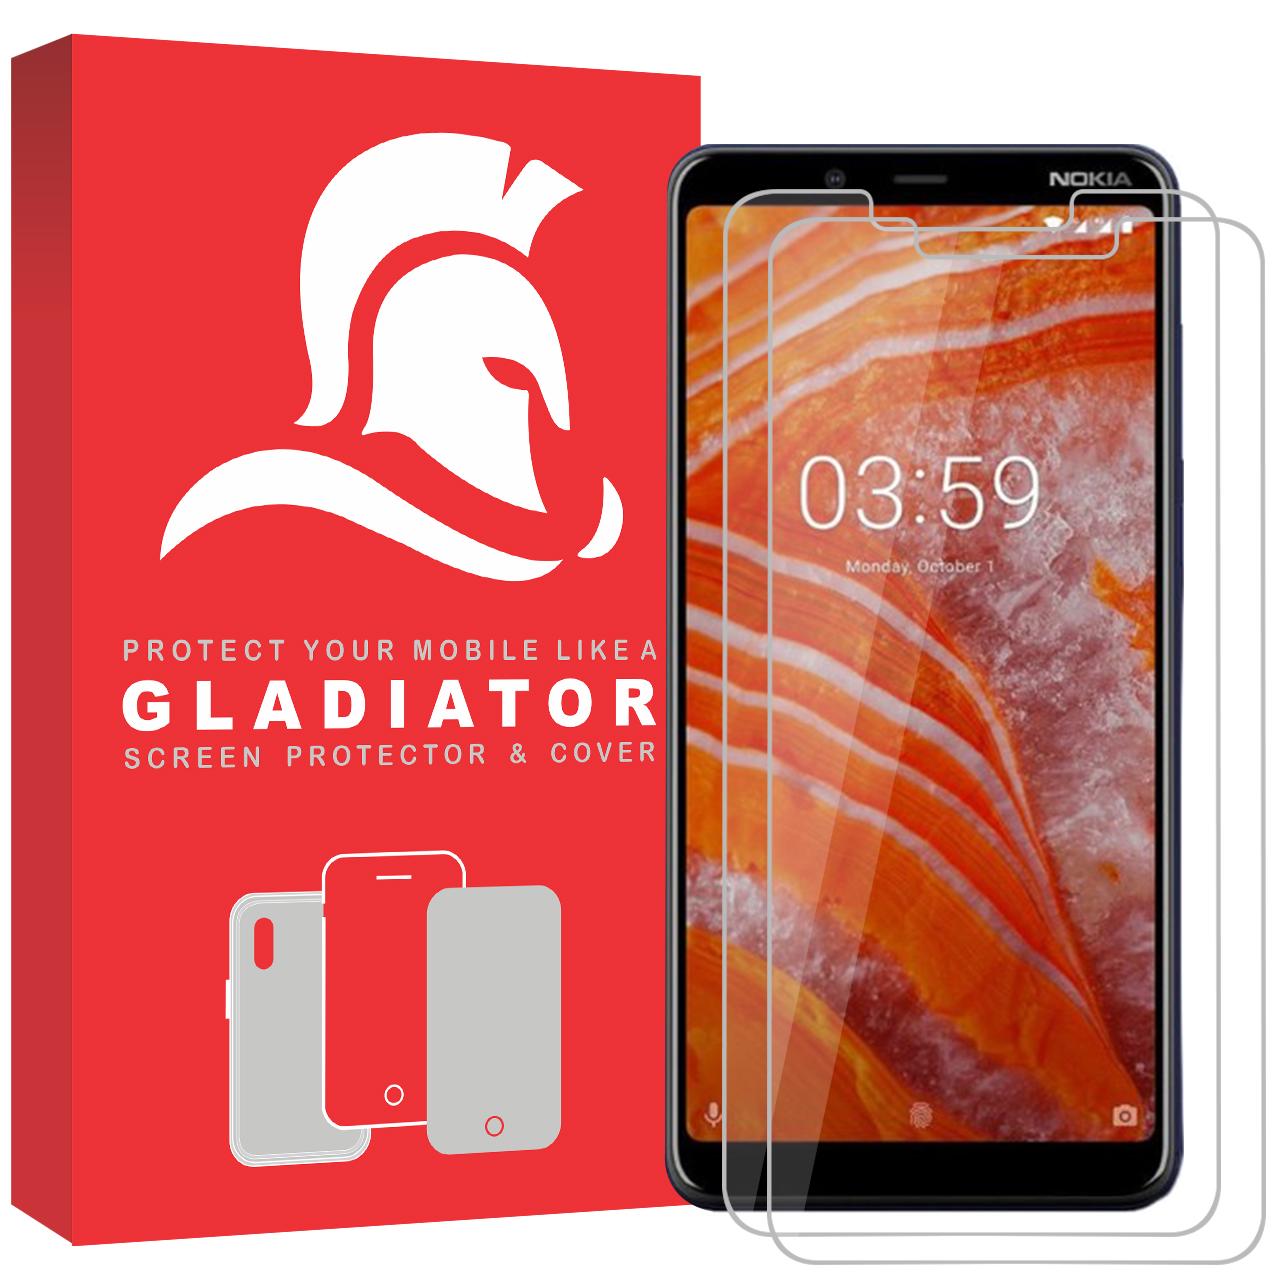 محافظ صفحه نمایش گلادیاتور مدل NN2-31 مناسب برای گوشی موبایل نوکیا 3.1 plus بسته دو عددی